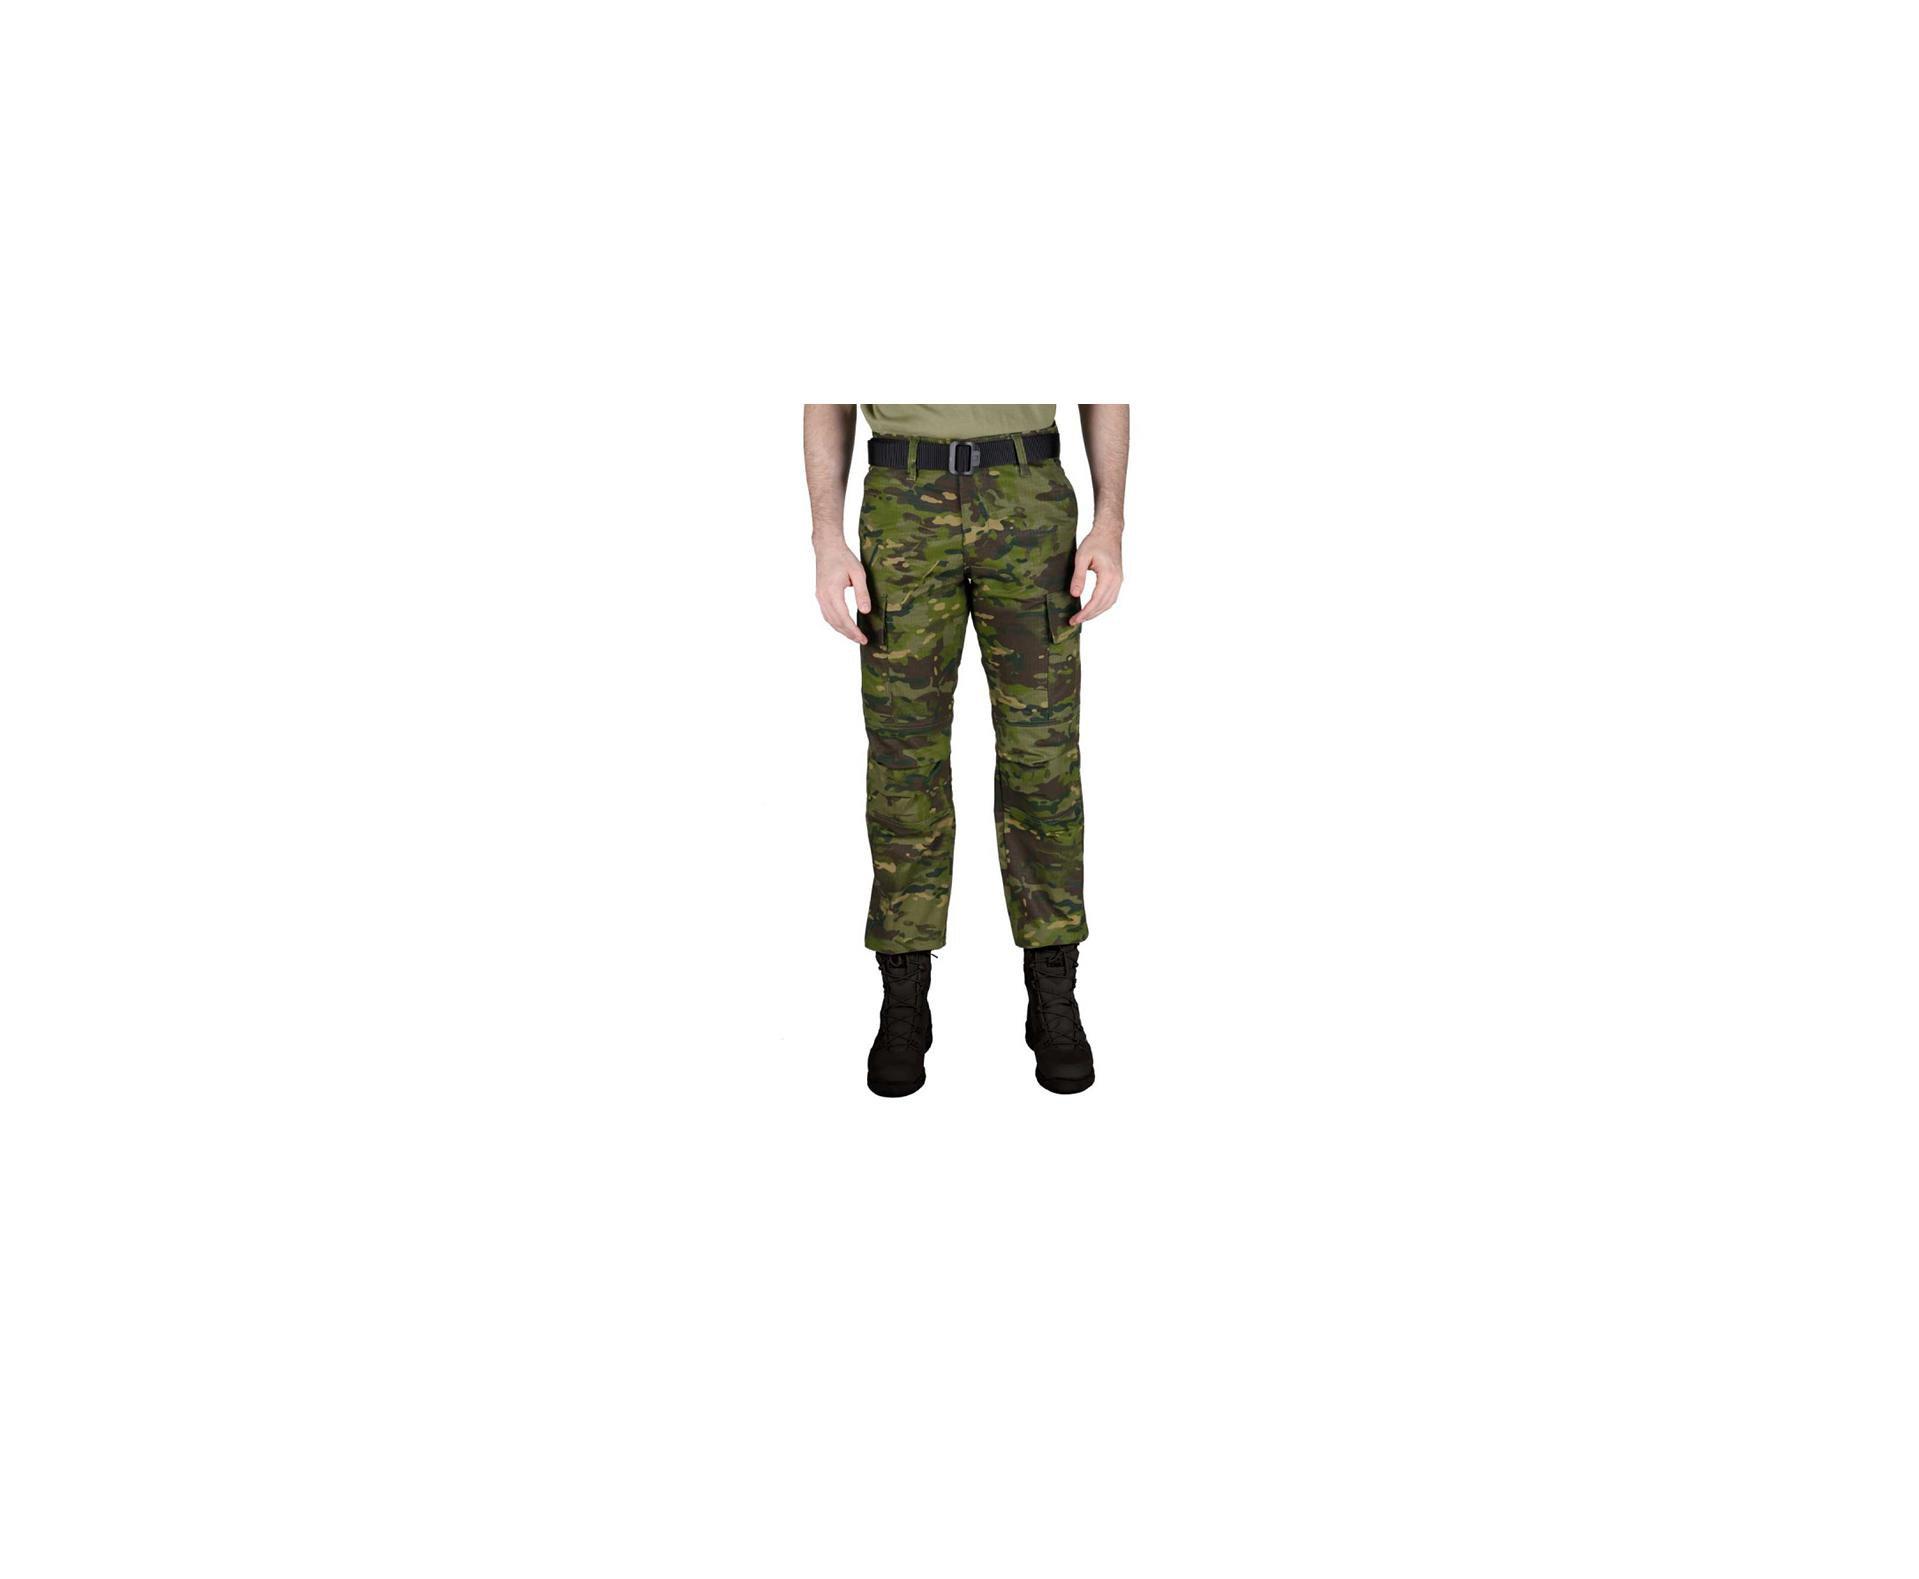 Calça Tatica Combat Camuflado Tropical - Belica